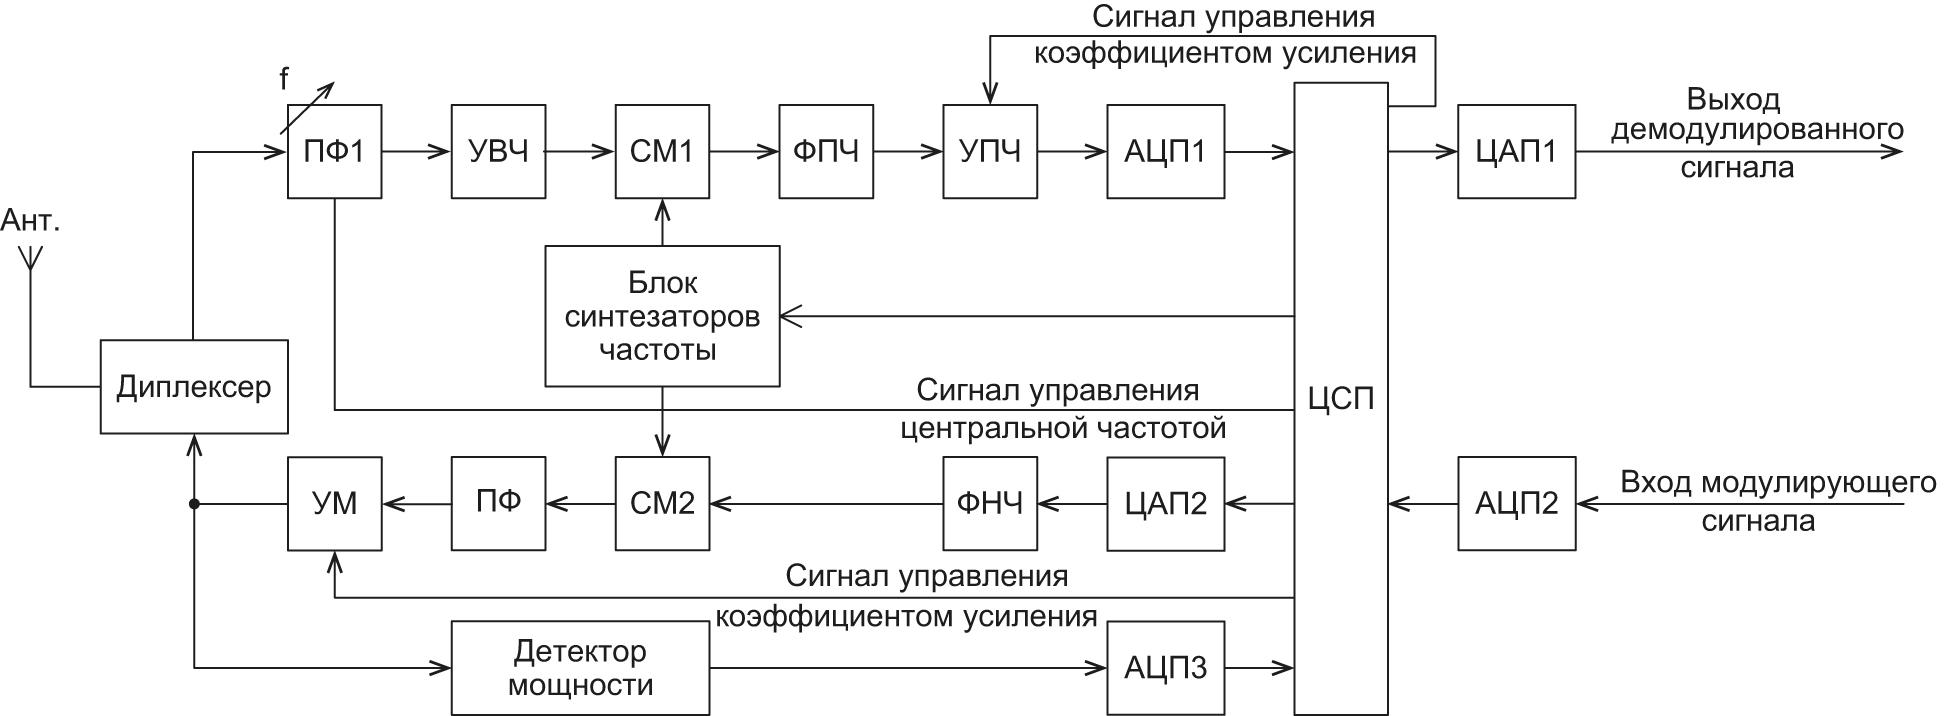 Функциональная схема приемопередатчика с цифровой обработкой сигналов в тракте промежуточной частоты